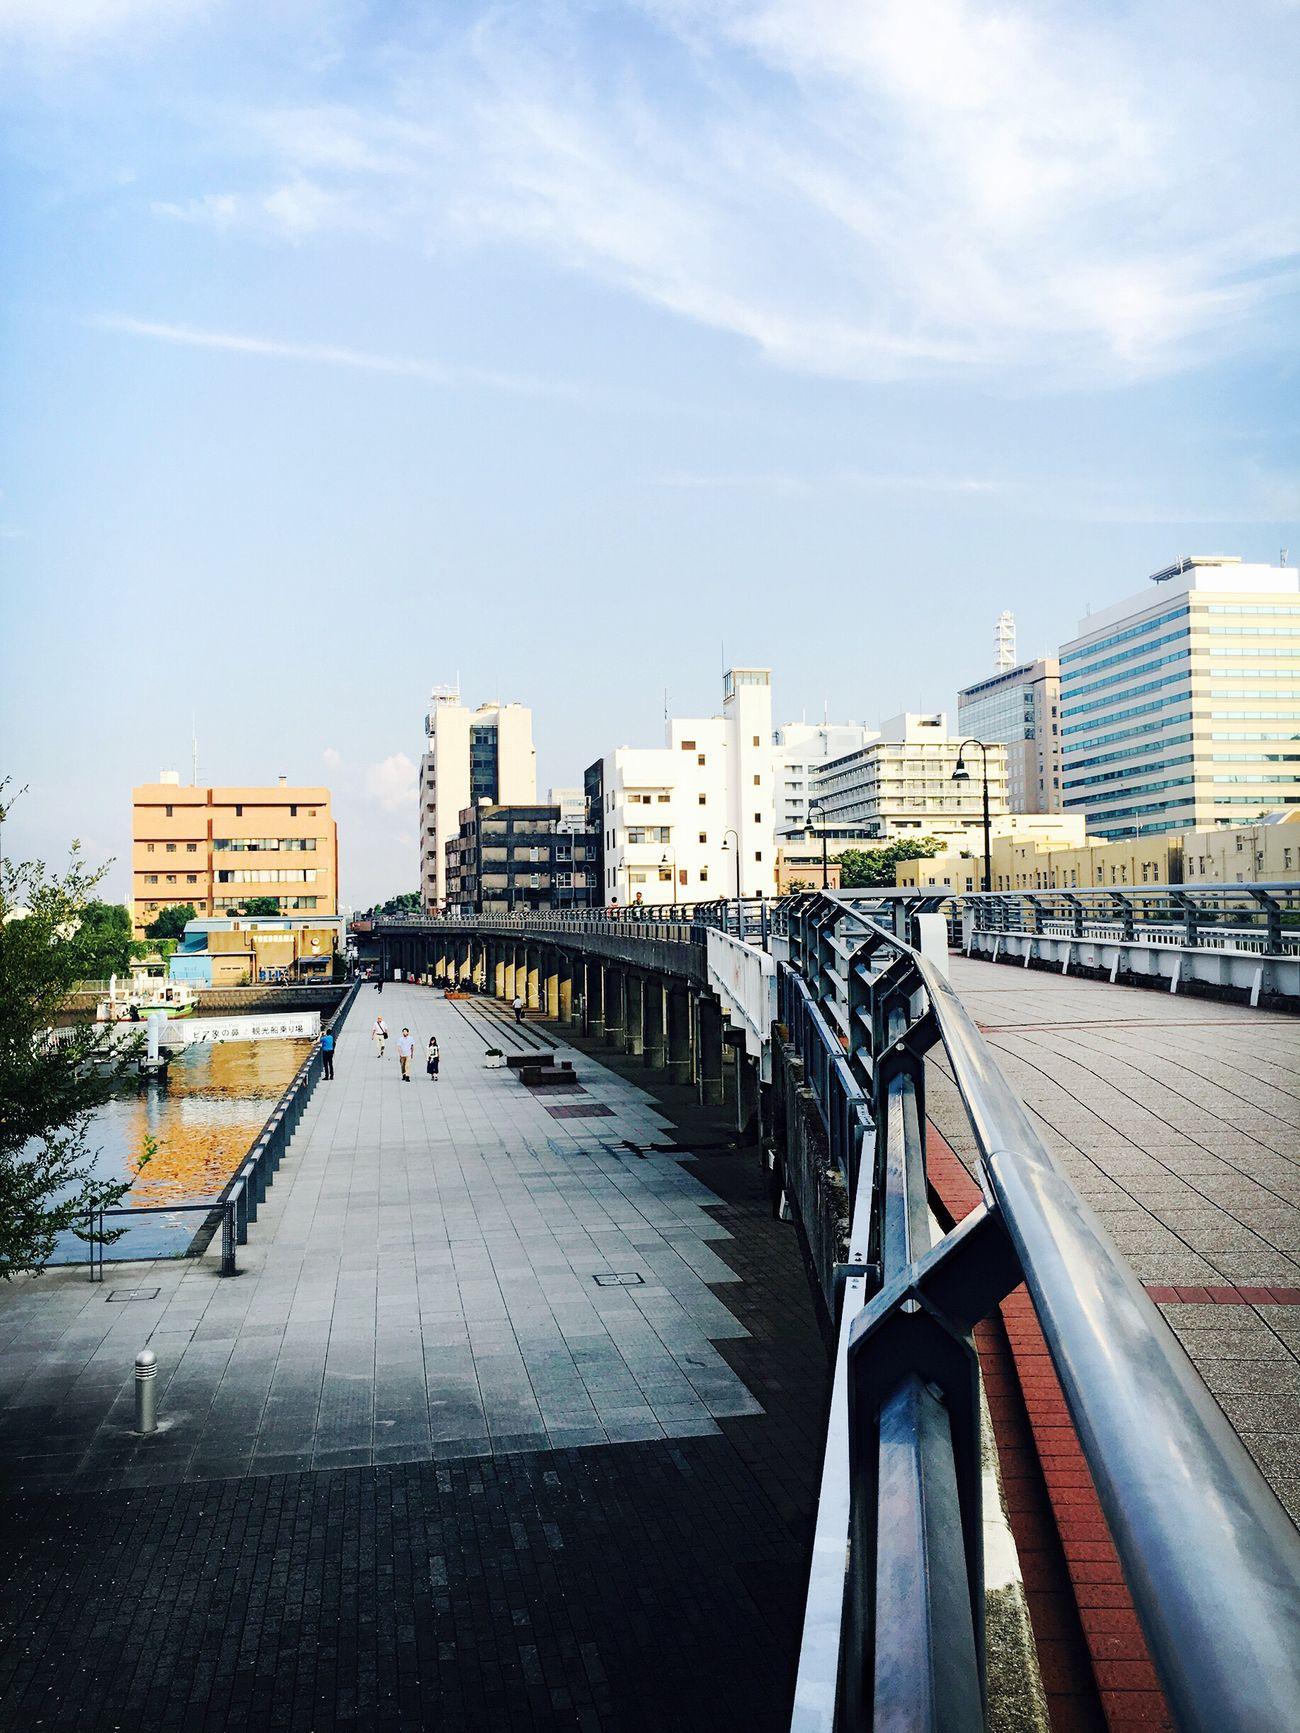 새로운 시작 안녕! 데일리 일상 금요일 불금밤 여행 일본 도쿄 요코하마 새시작 유니크프로젝트 First Eyeem Photo Streetphotography Traveling 바다